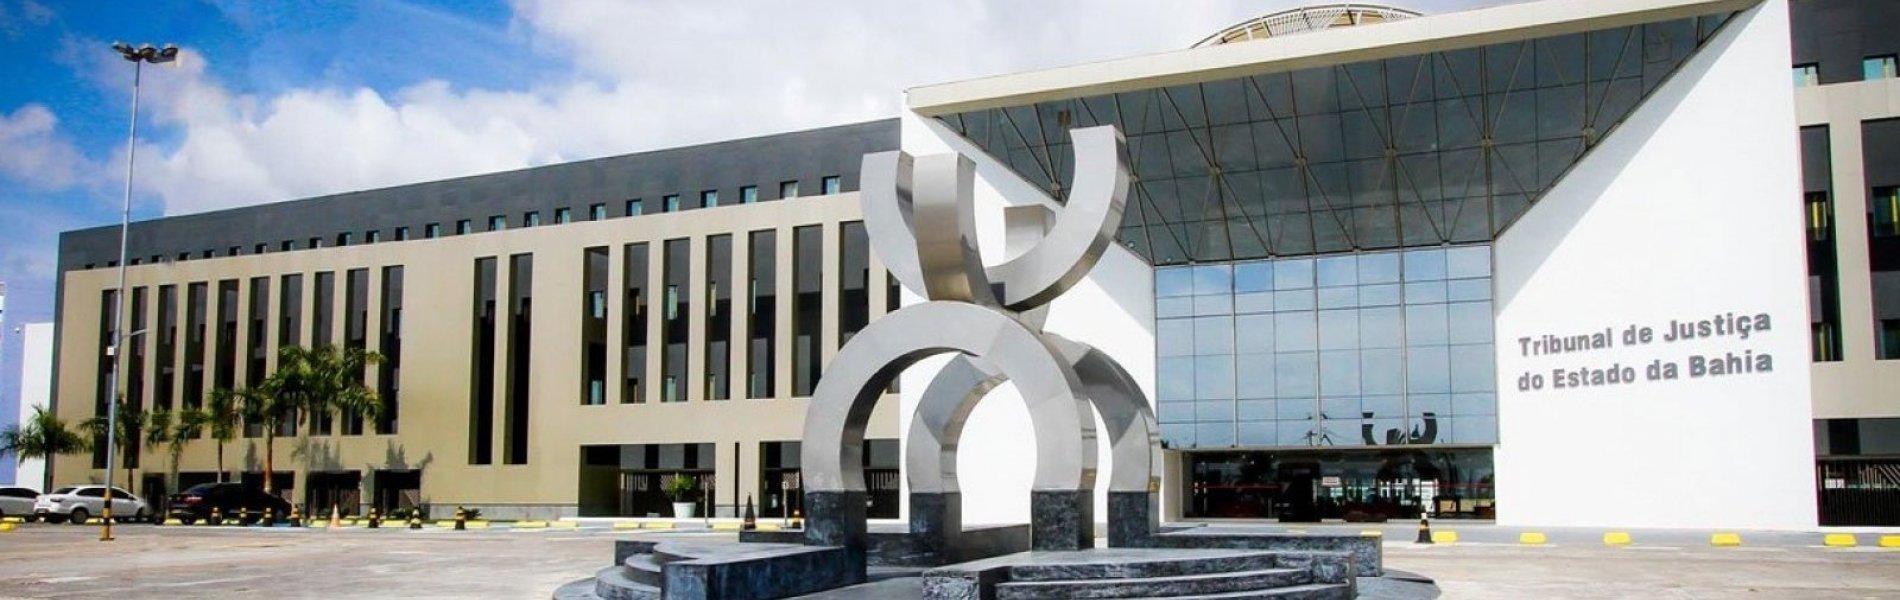 [OAB-BA questiona licitação do TJ-BA que trocou banco responsável por depósitos judiciais]